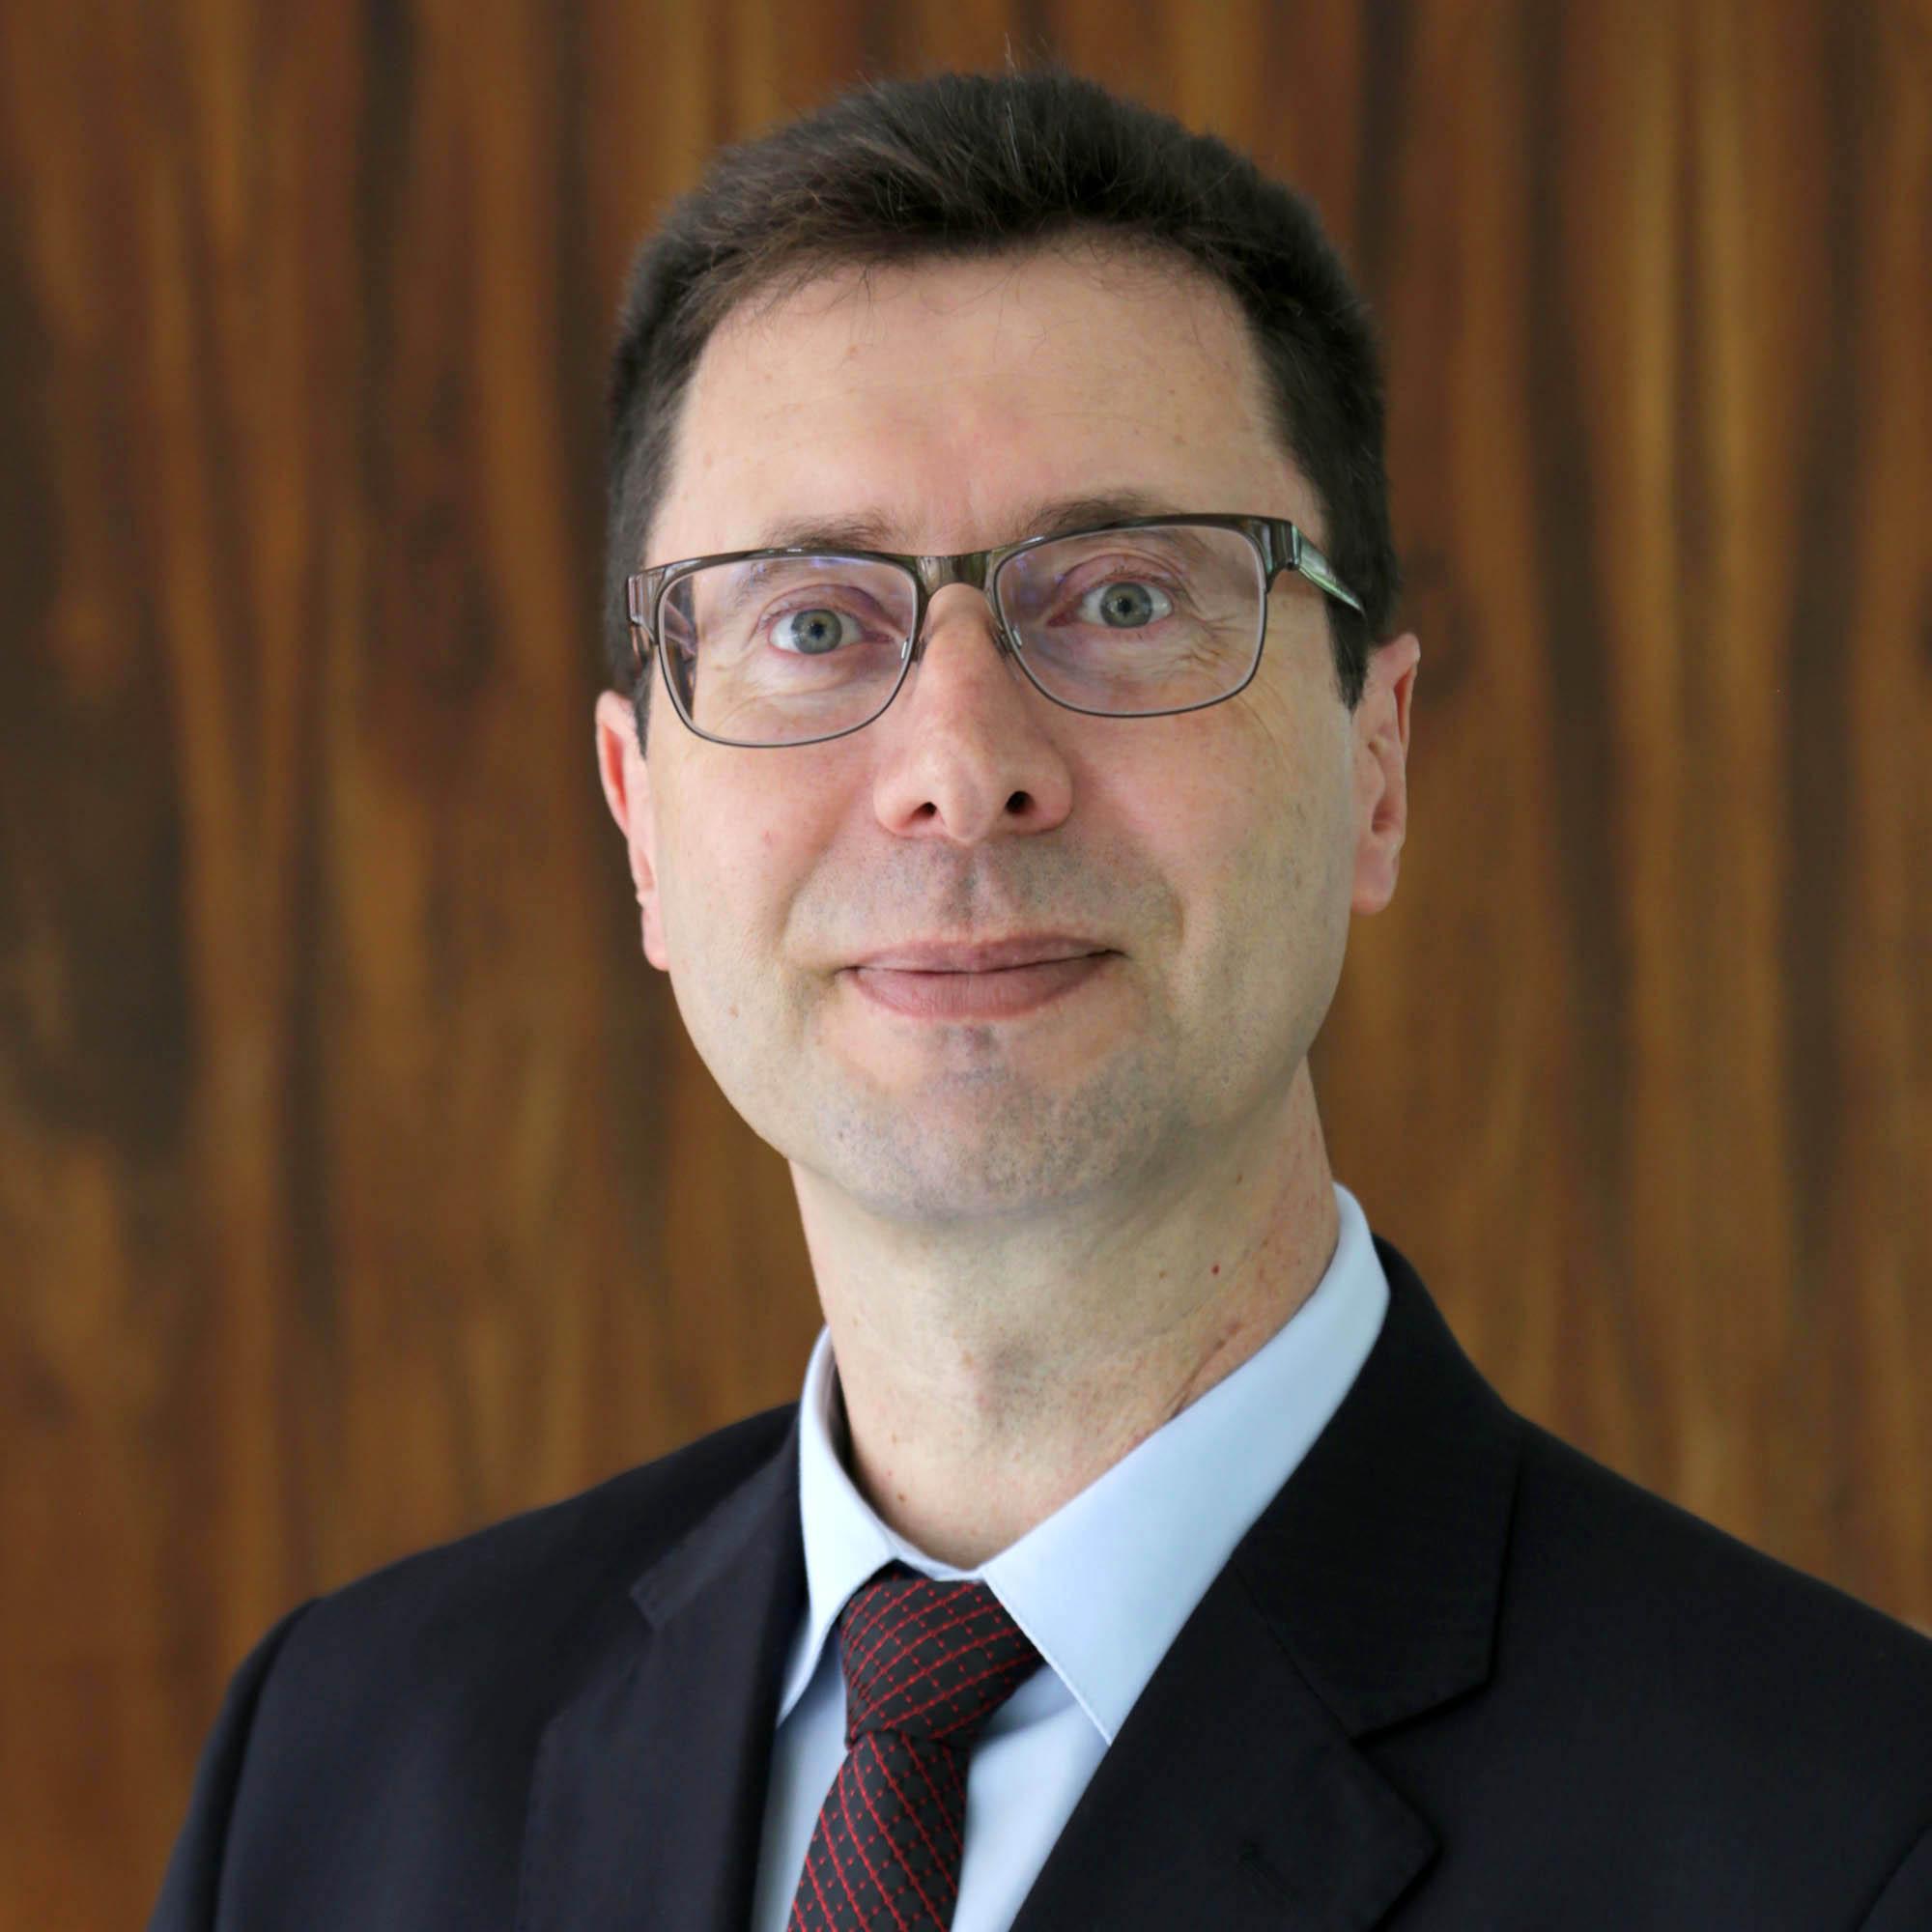 Carlos Cesar Calderon